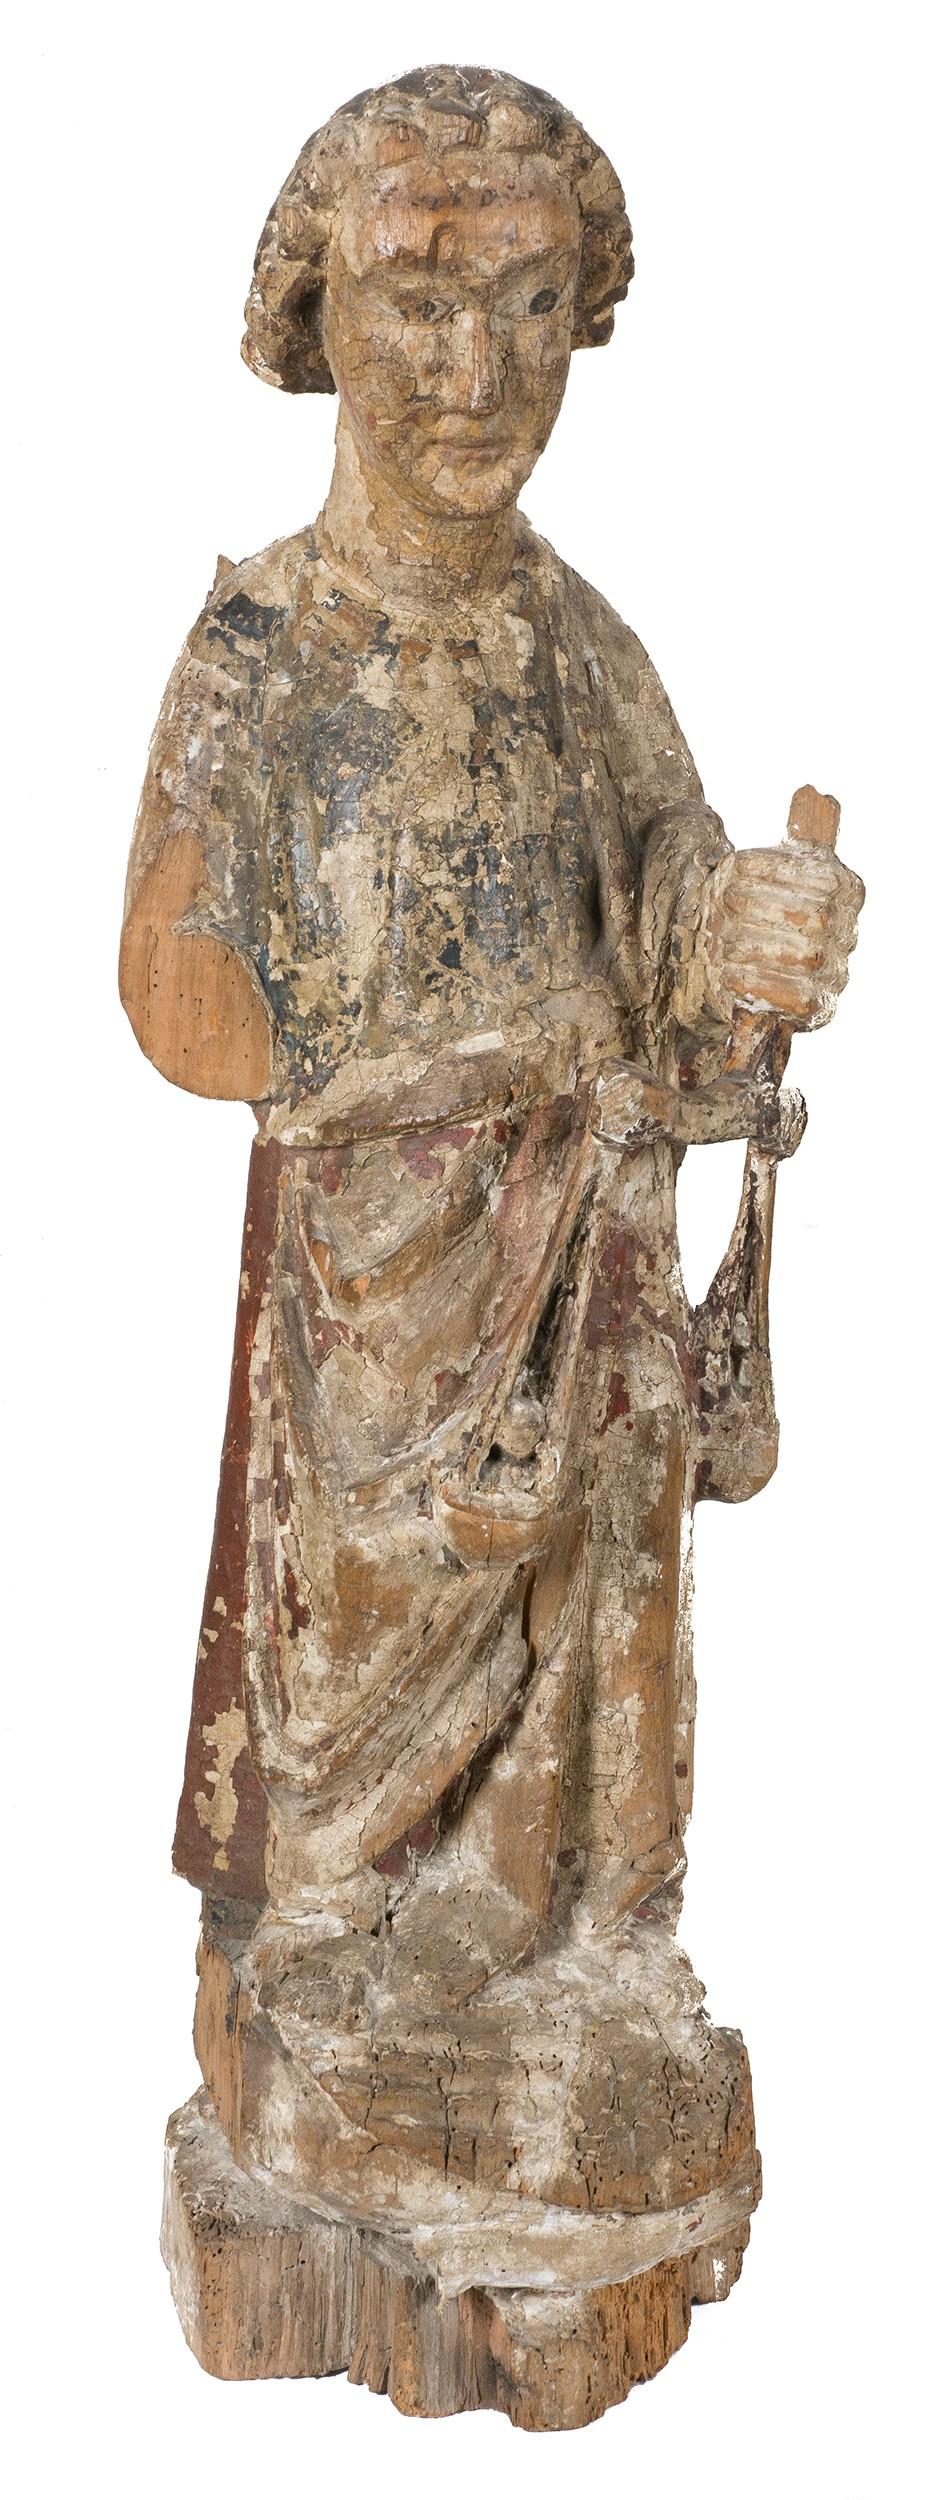 19.1 San Miguel Arcángel. Escultura en madera tallada y policromada. Cataluña. Románico. Siglo XIII.00